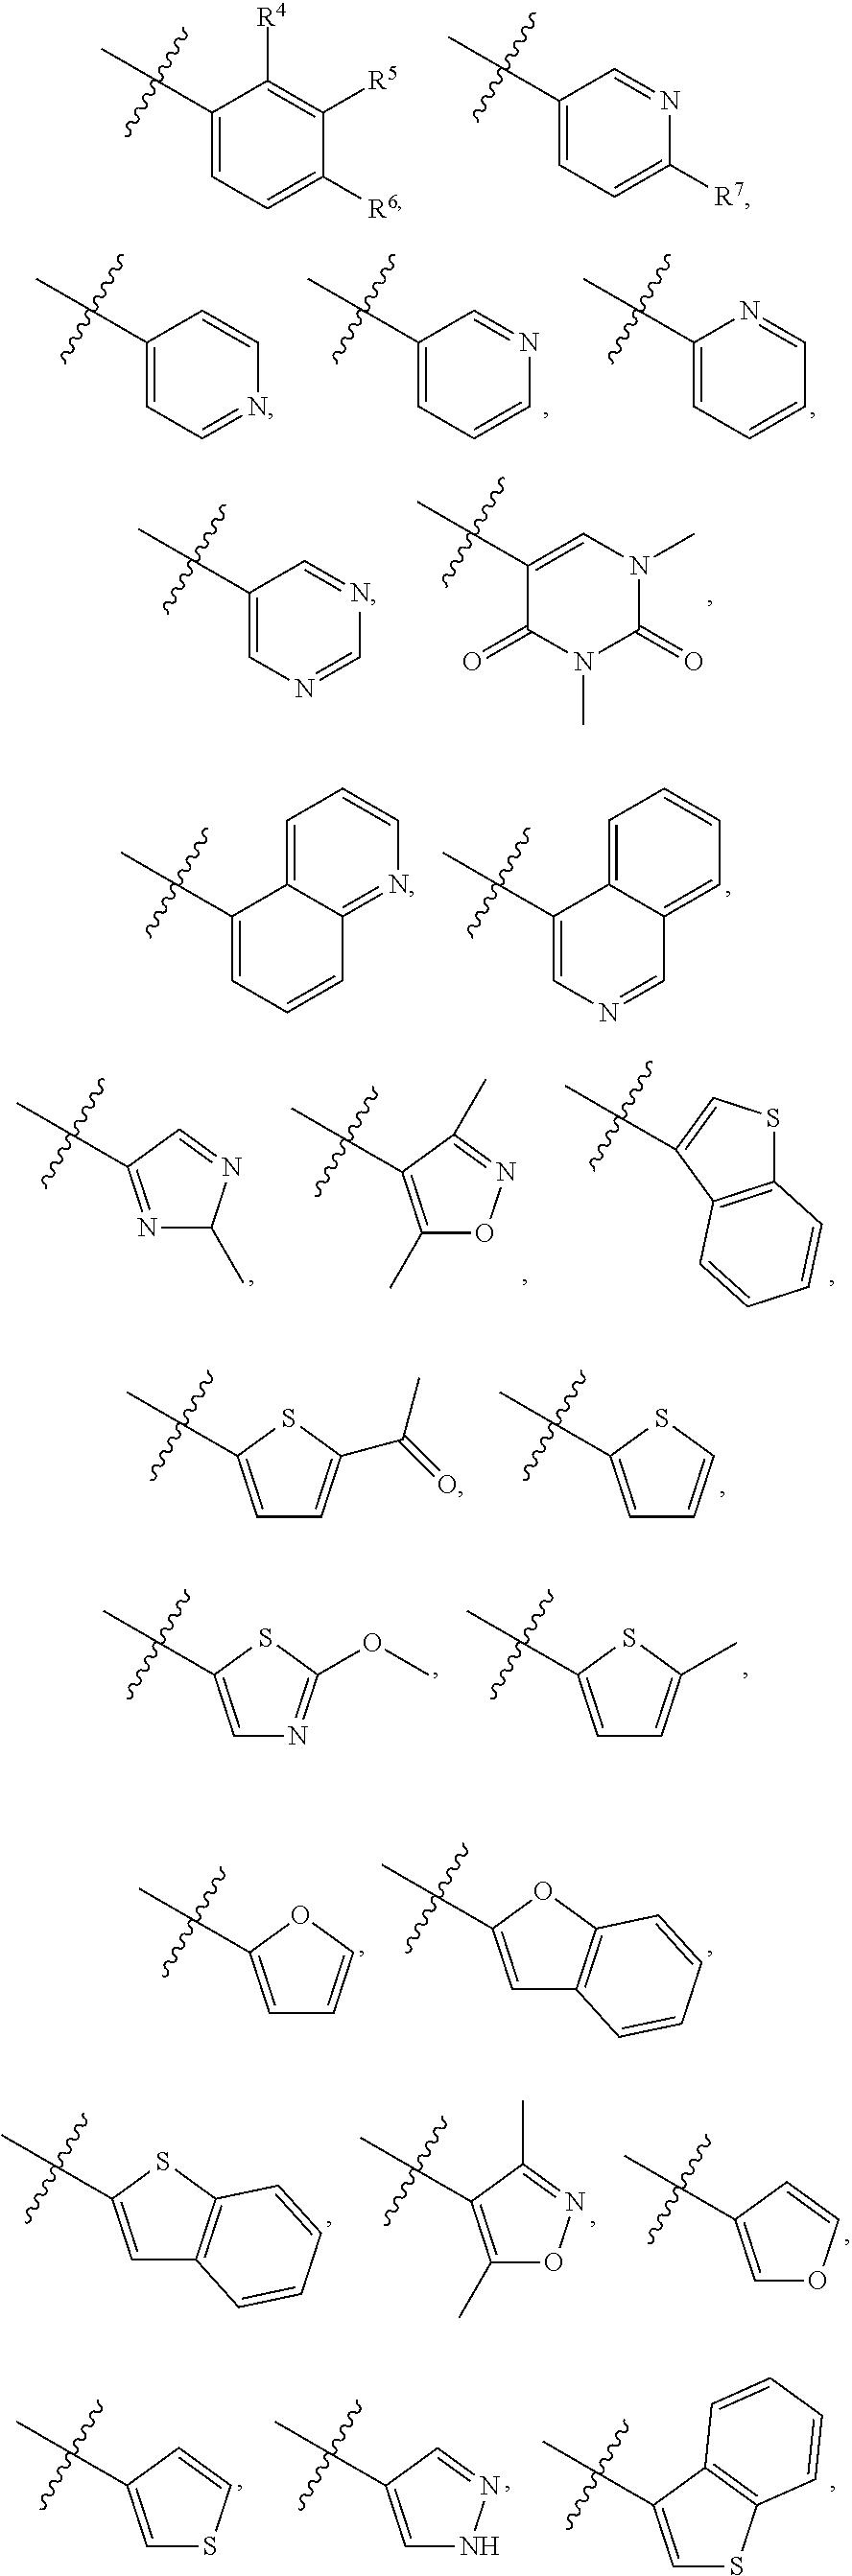 Figure US20110065162A1-20110317-C00073